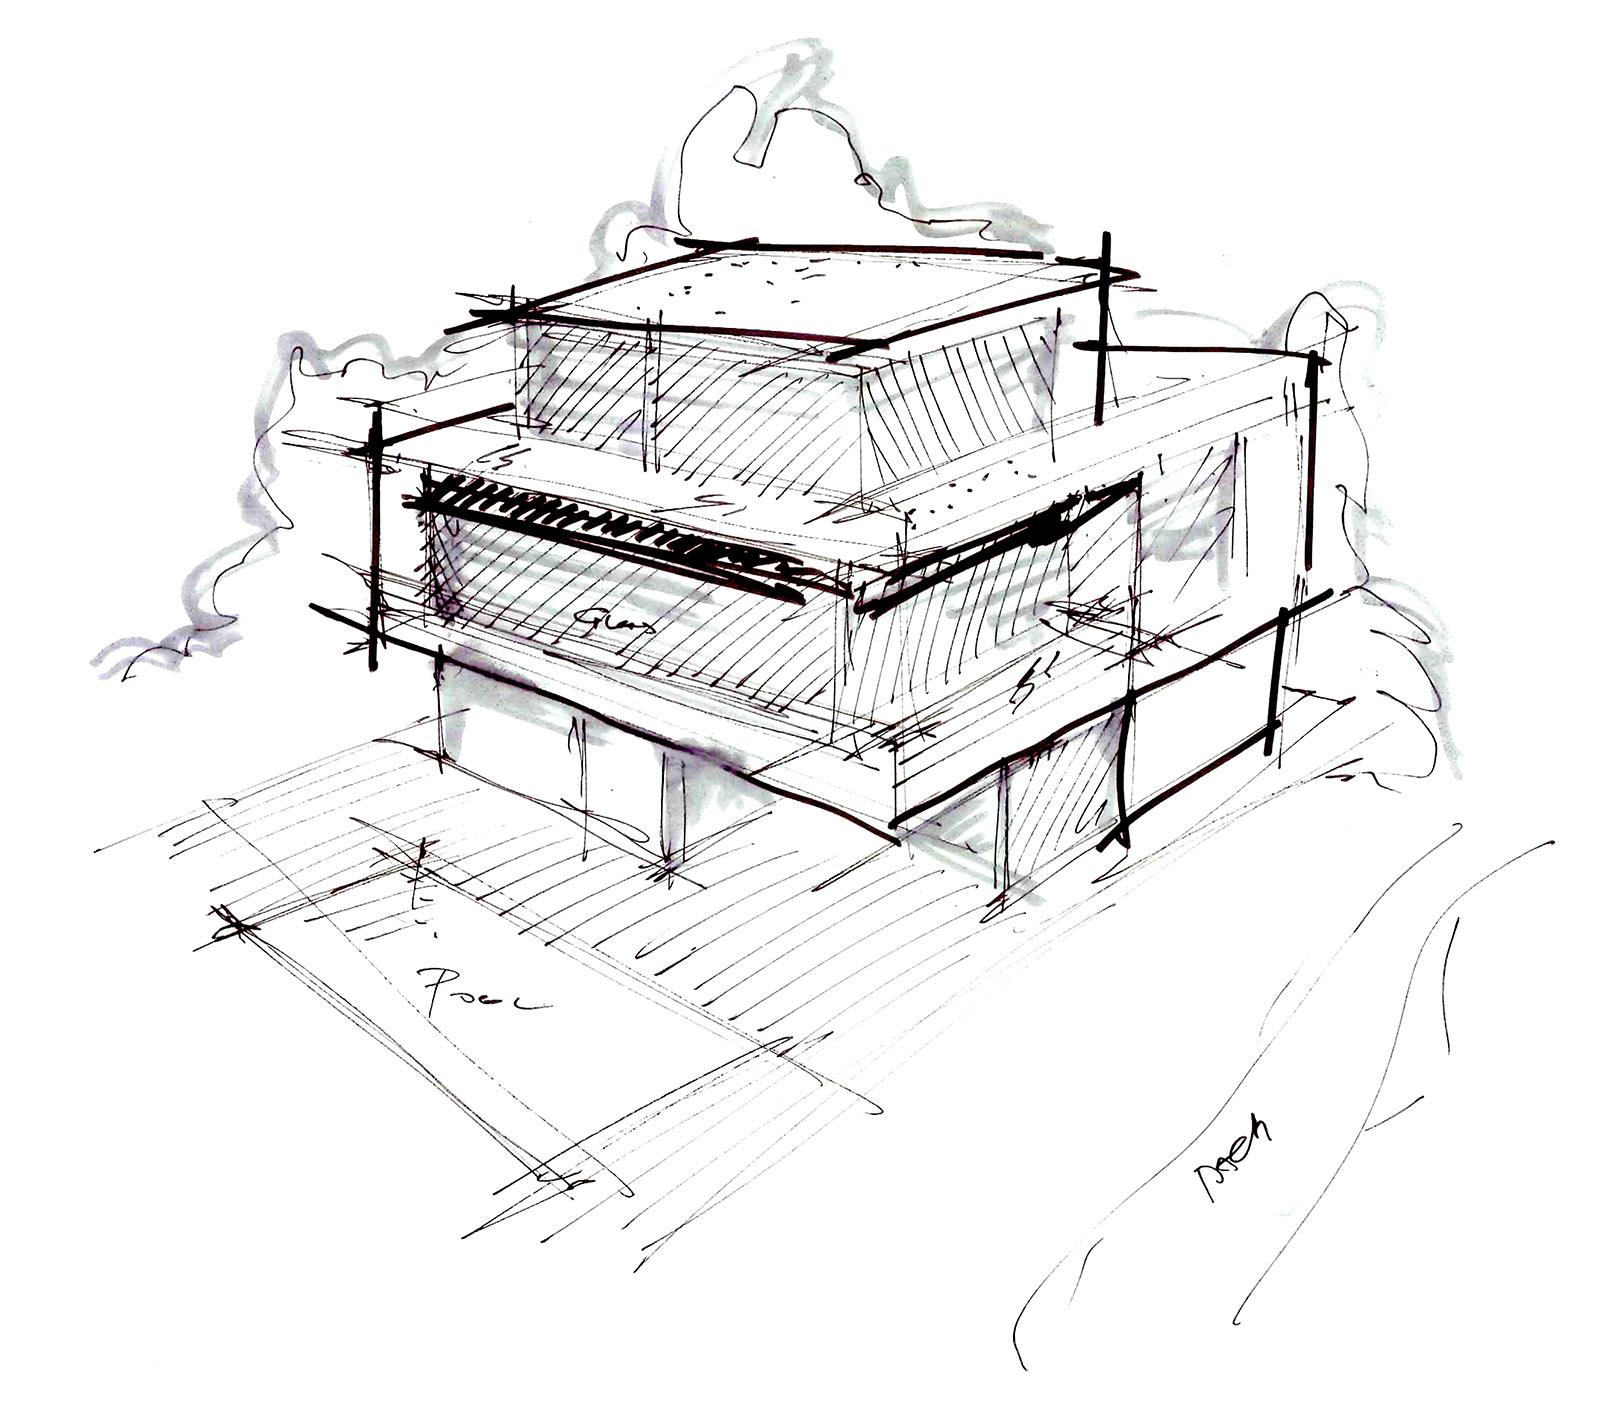 Wunschhaus Skizze händischer Entwurf vom Architekten